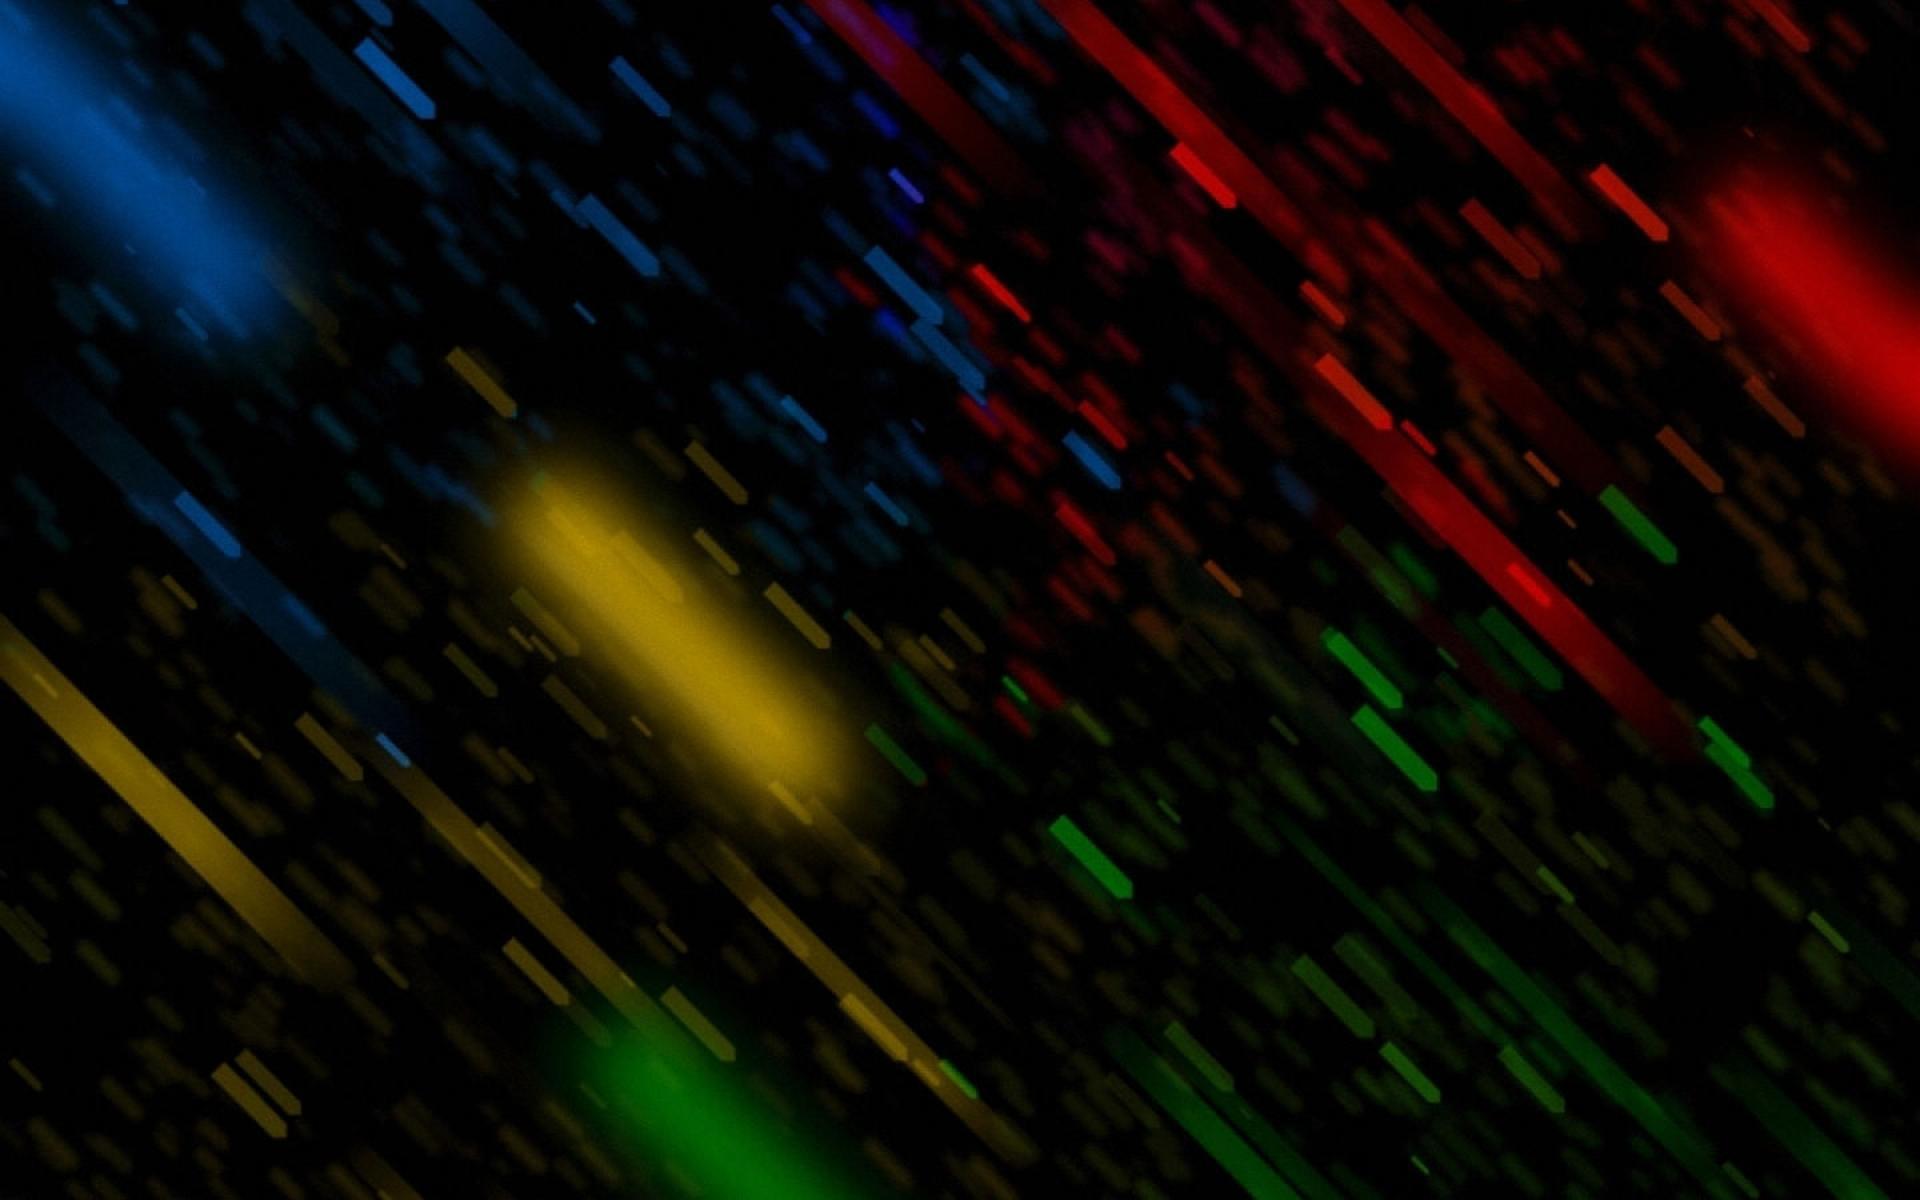 nexus desktop wallpaper www www wallpapers in hd com 1920x1200